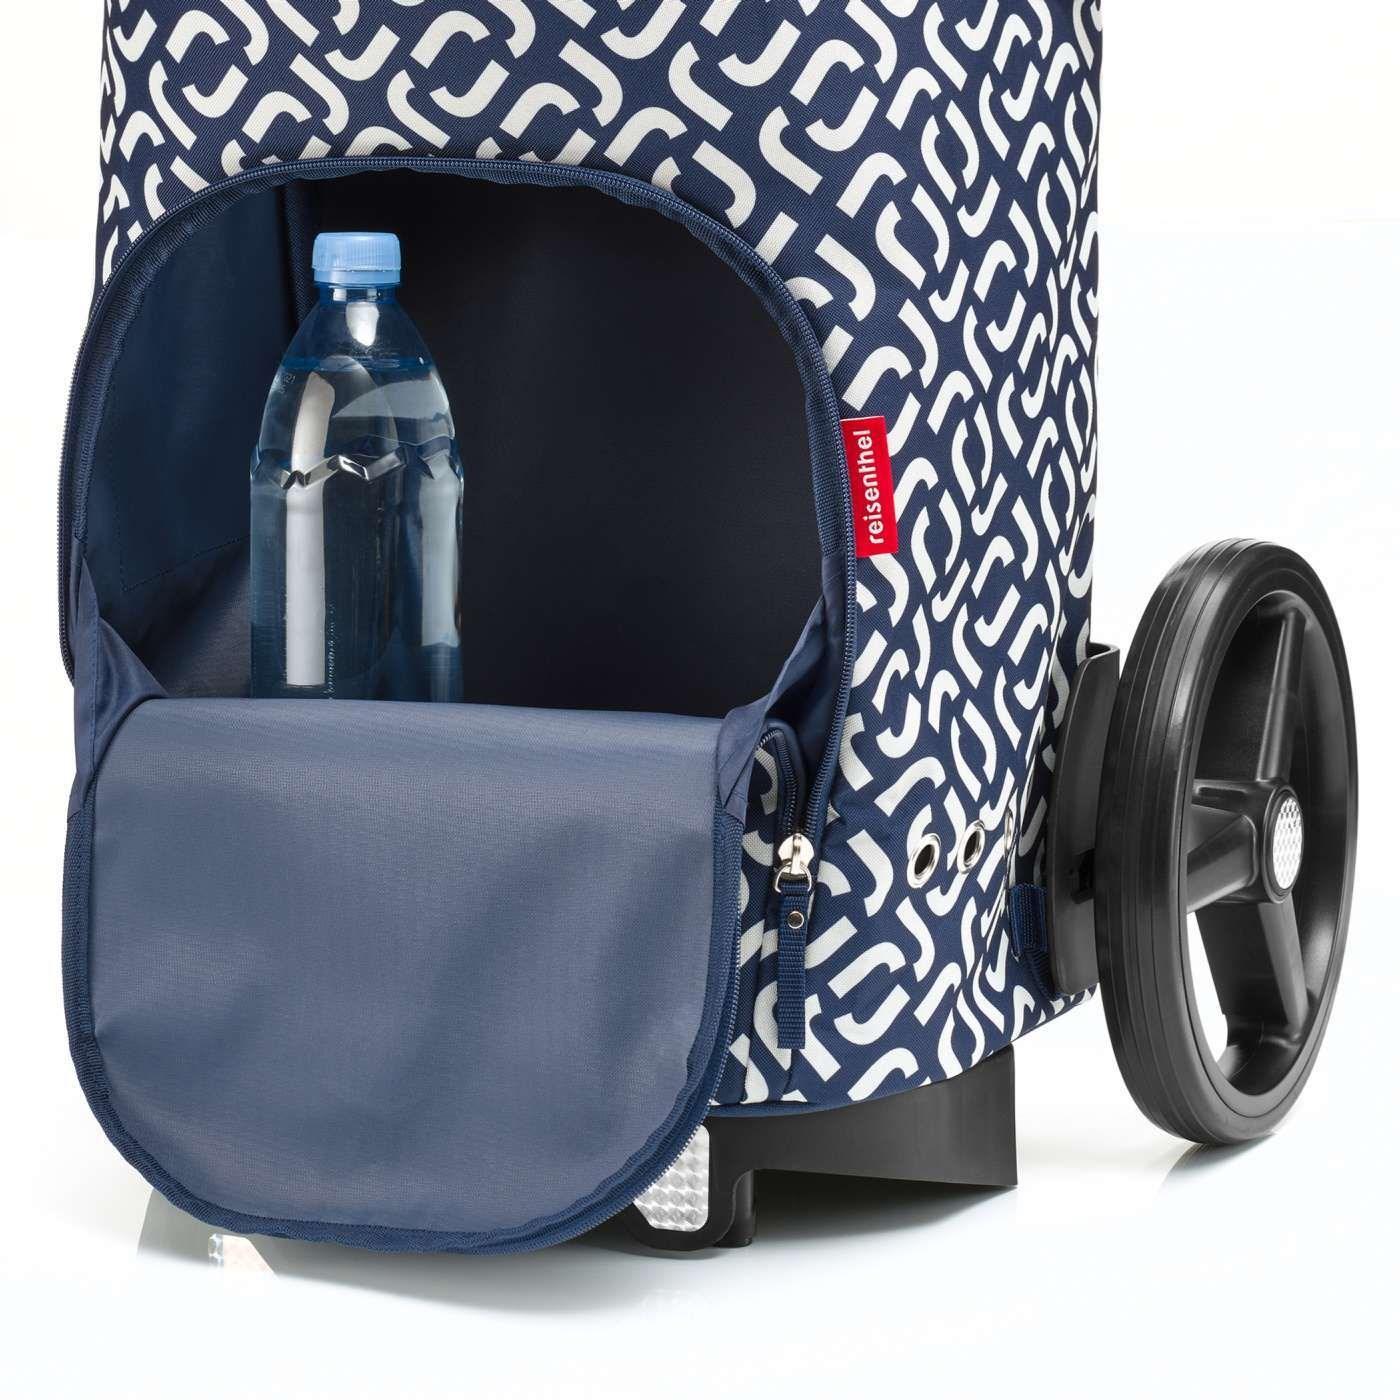 Městská taška Citycruiser Bag signature navy (bez vozíku DE7003!)_3